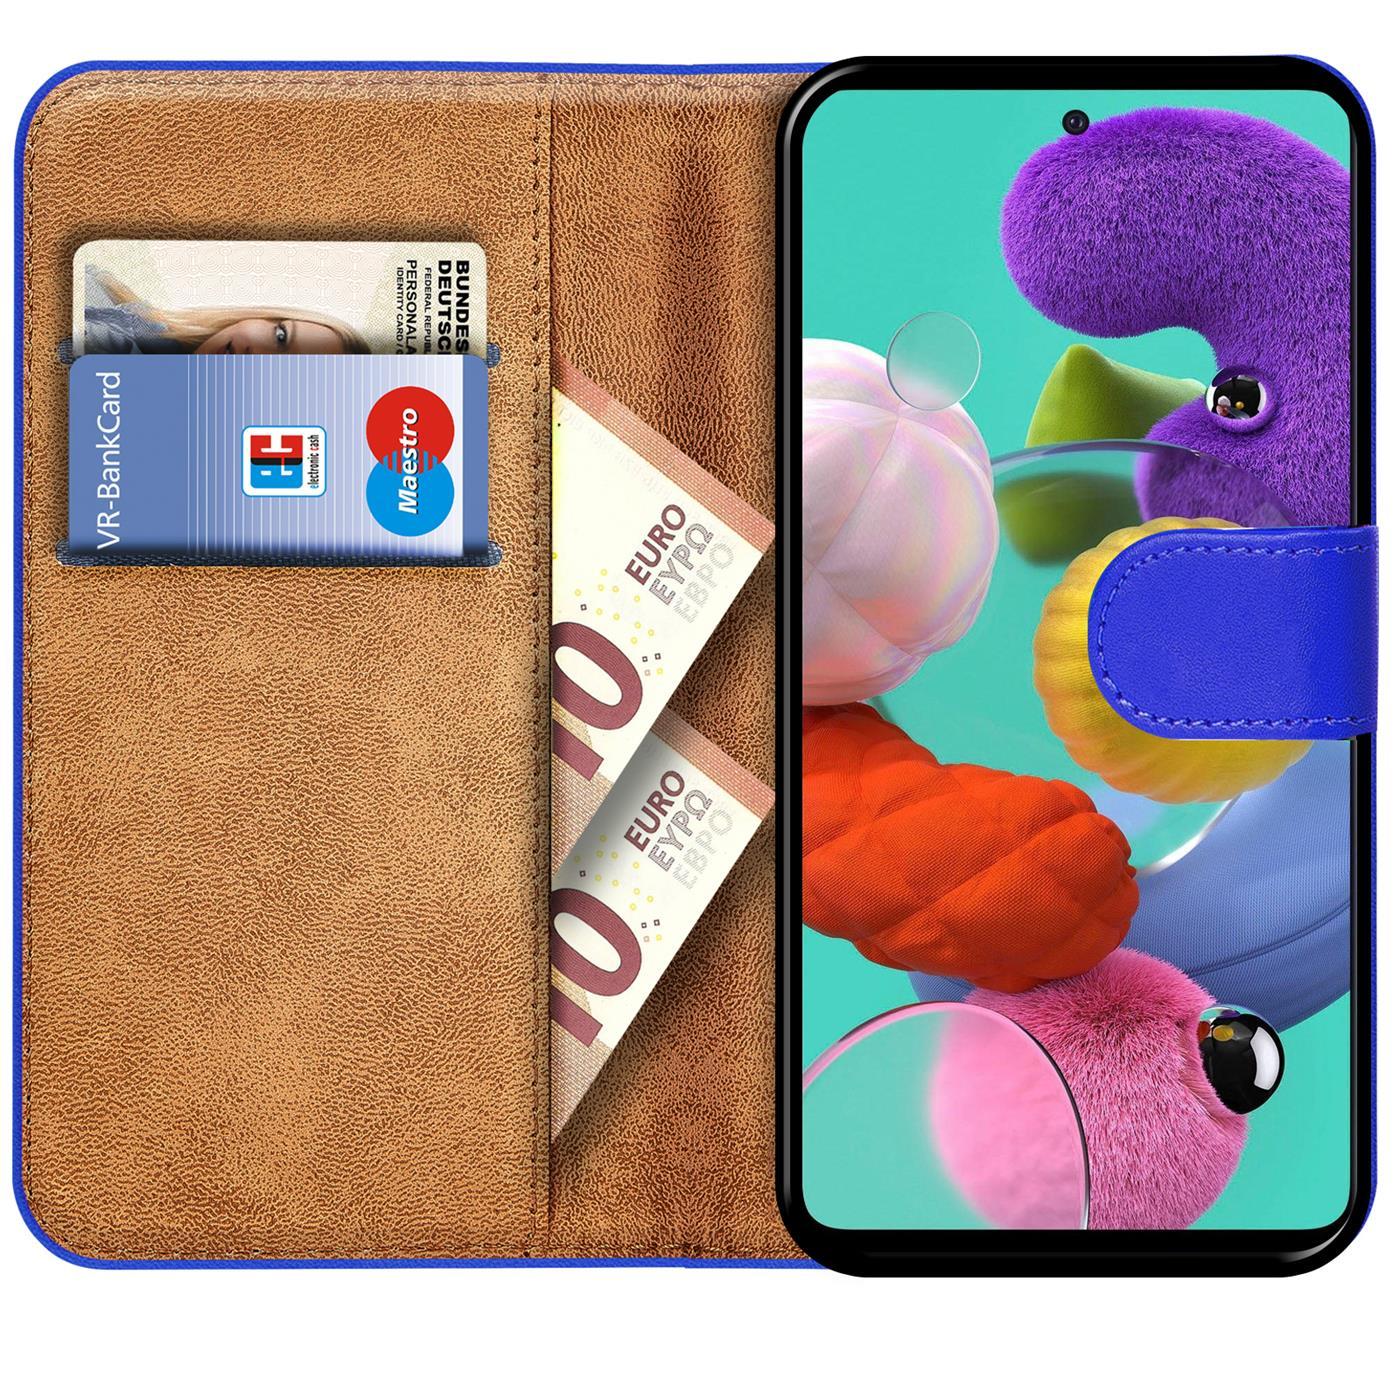 Schutz-Huelle-Samsung-Galaxy-Handy-Klapp-Tasche-Book-Flip-Case-Schutzhuelle-Etui Indexbild 9